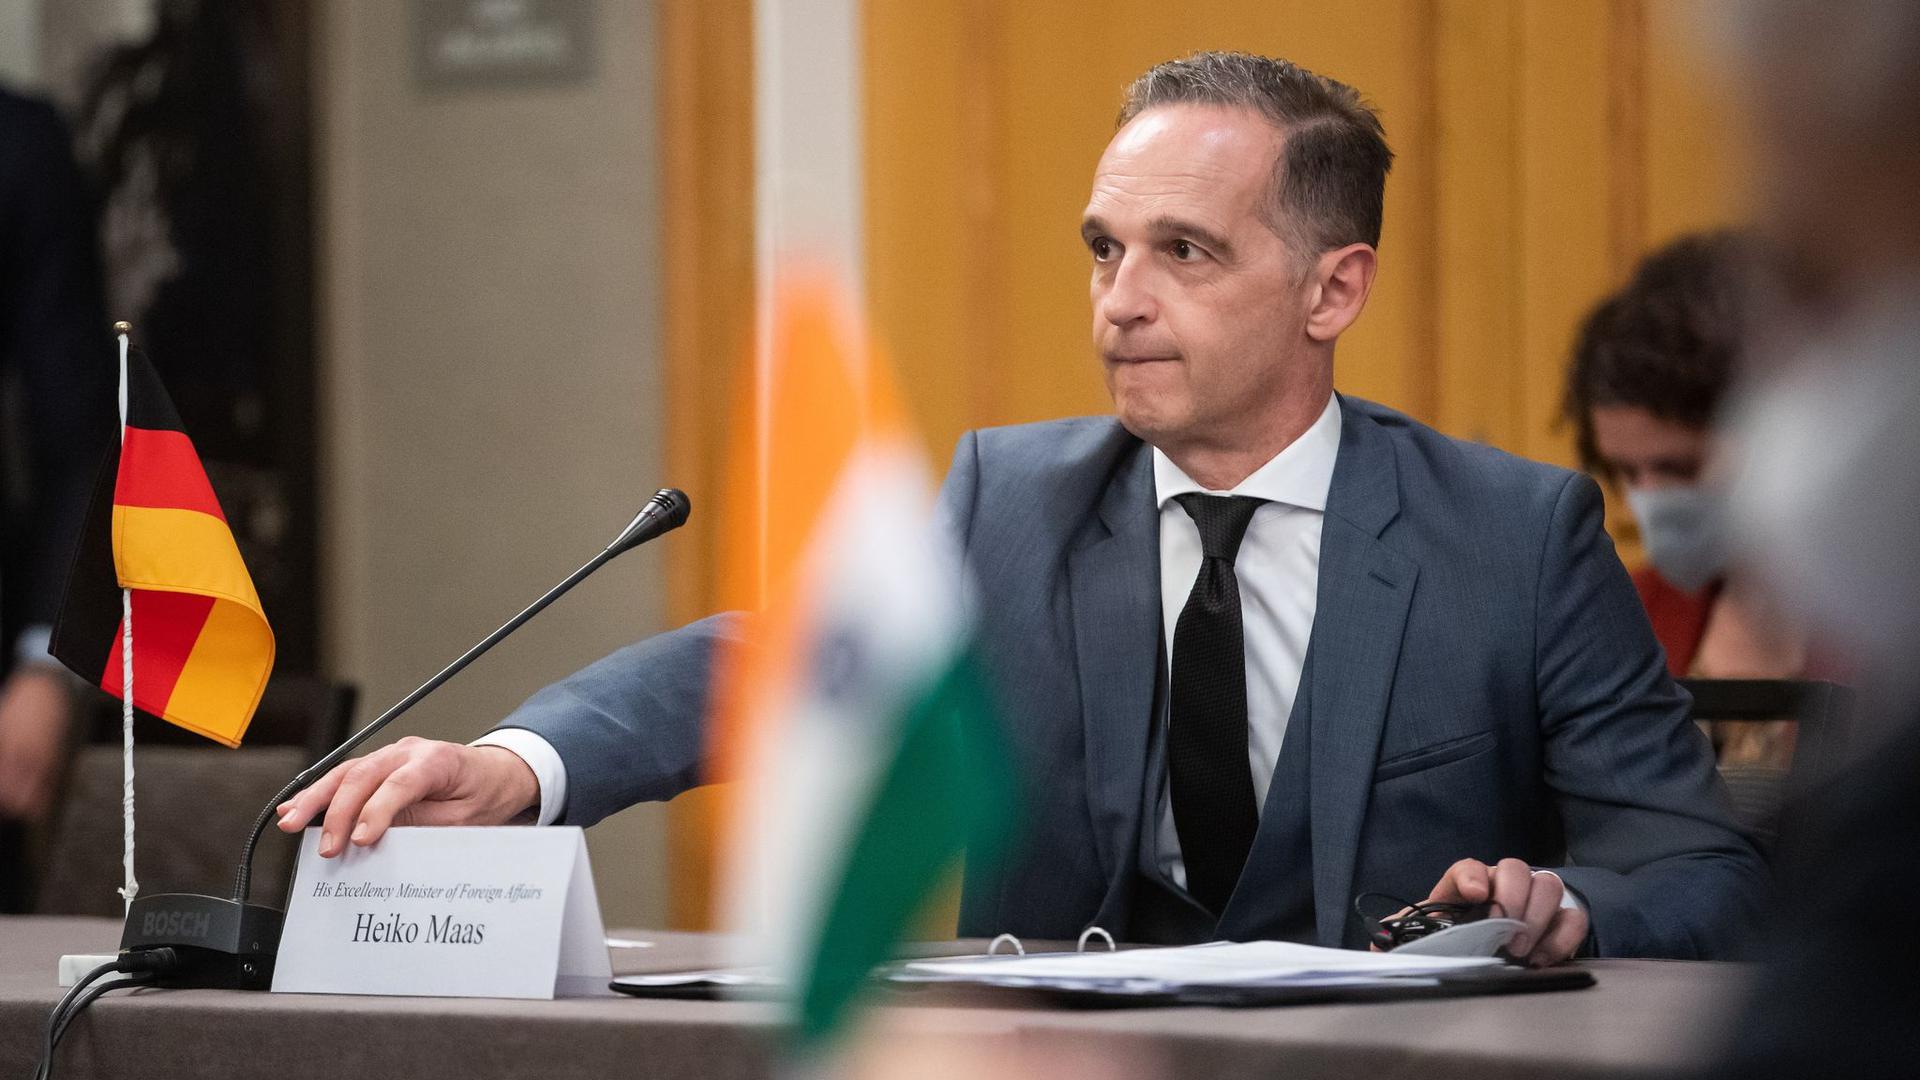 Heiko Maas (SPD), Außenminister, trifft sich beim sogenannten G4-Außenminister-Format mit seinen Amtskollegen aus Brasilien, Indien und Japan, um mit ihnen über die Reform des UN-Sicherheitsrates zu debattieren.